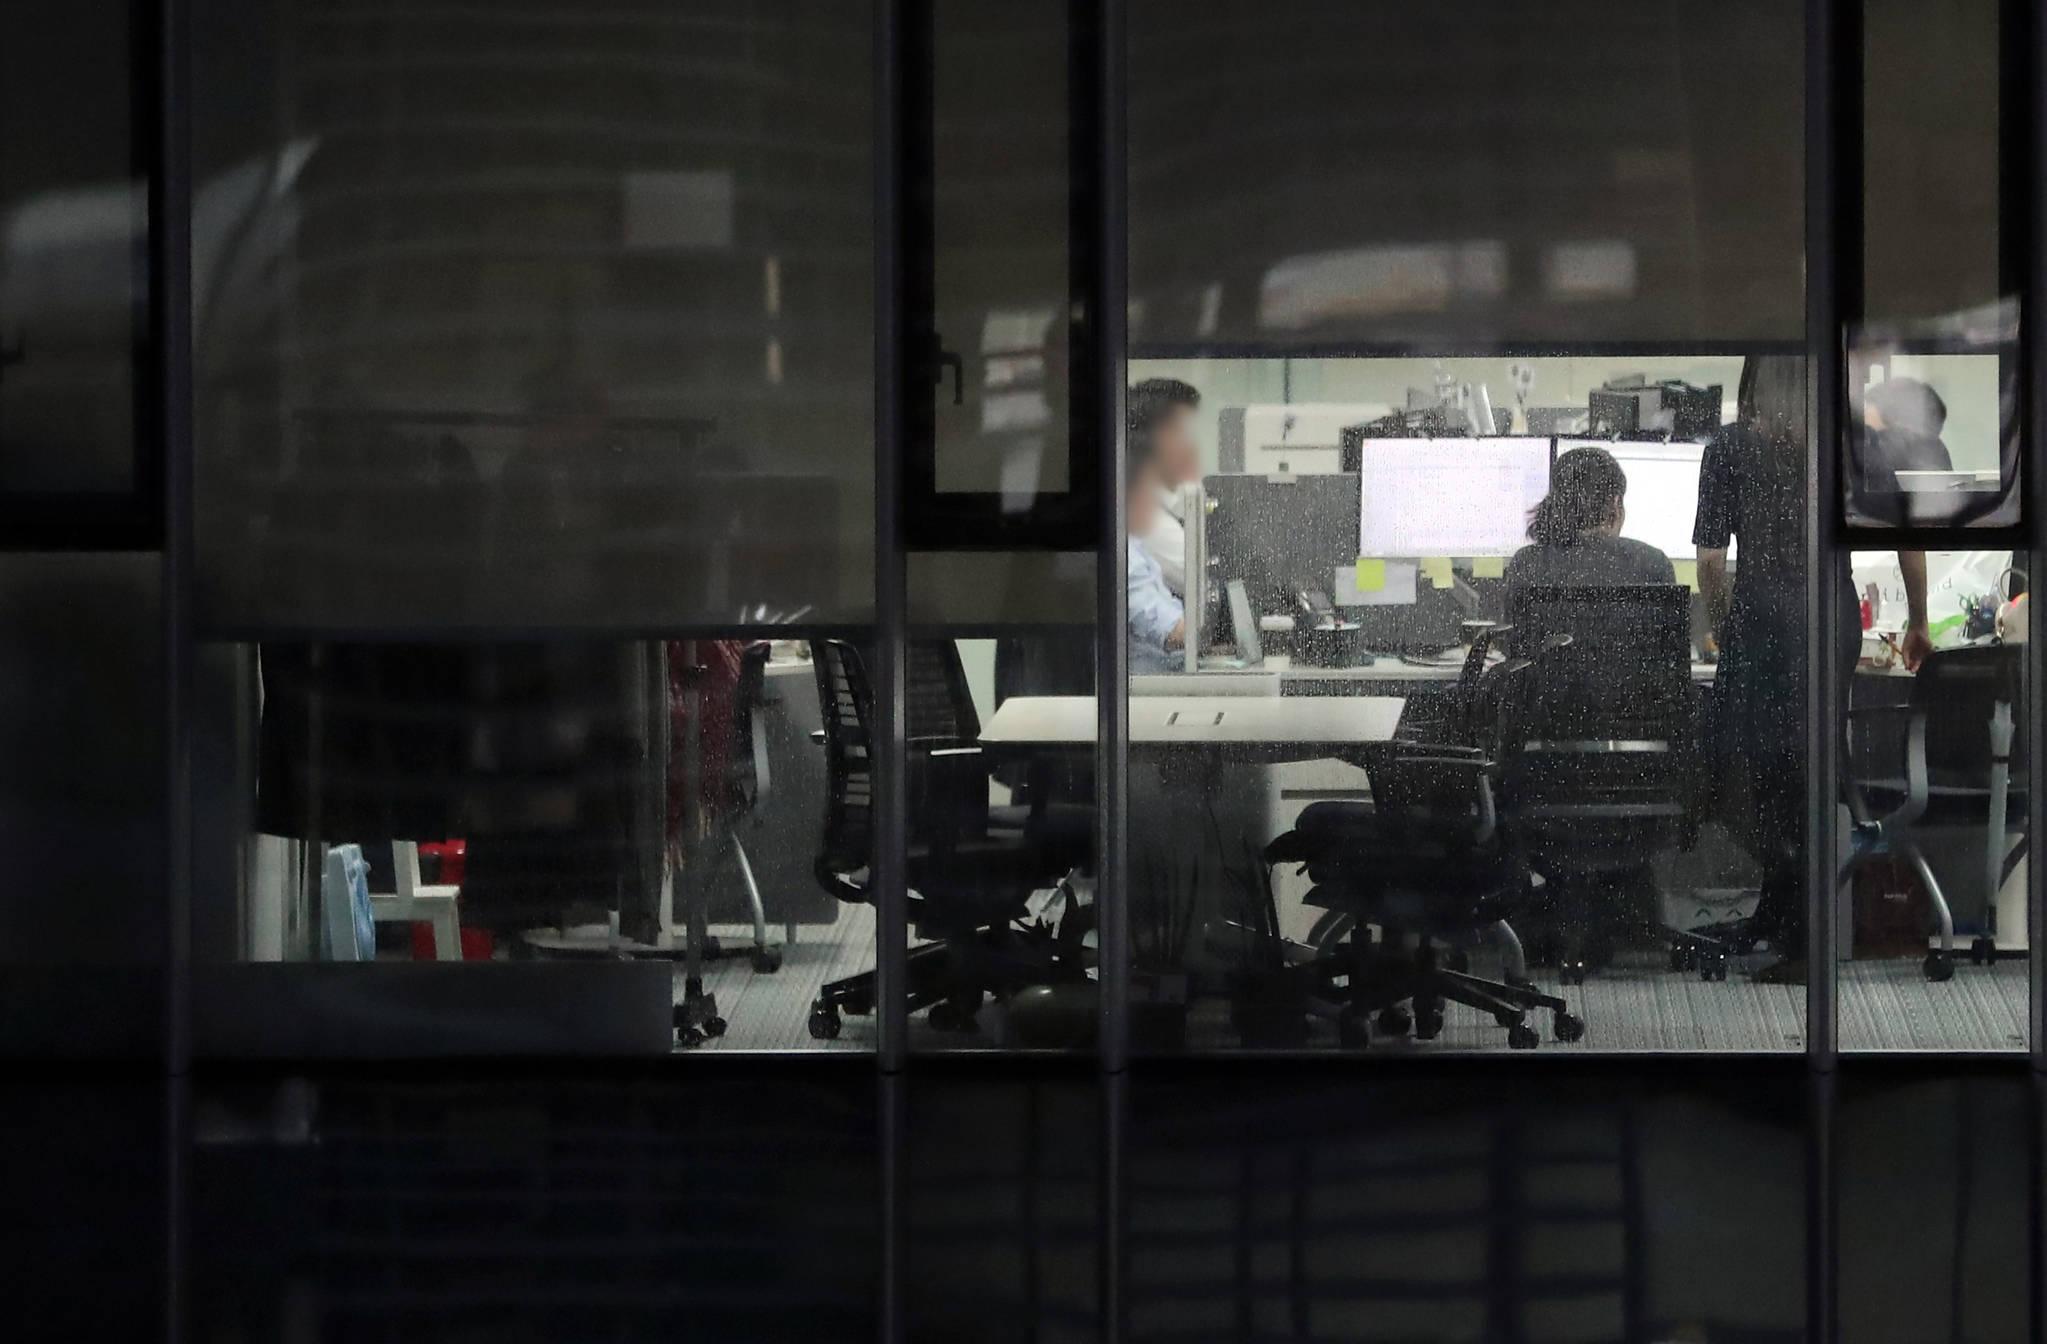 서울 시내 한 사무실에서 야근하는 직장인들 모습. [연합뉴스]